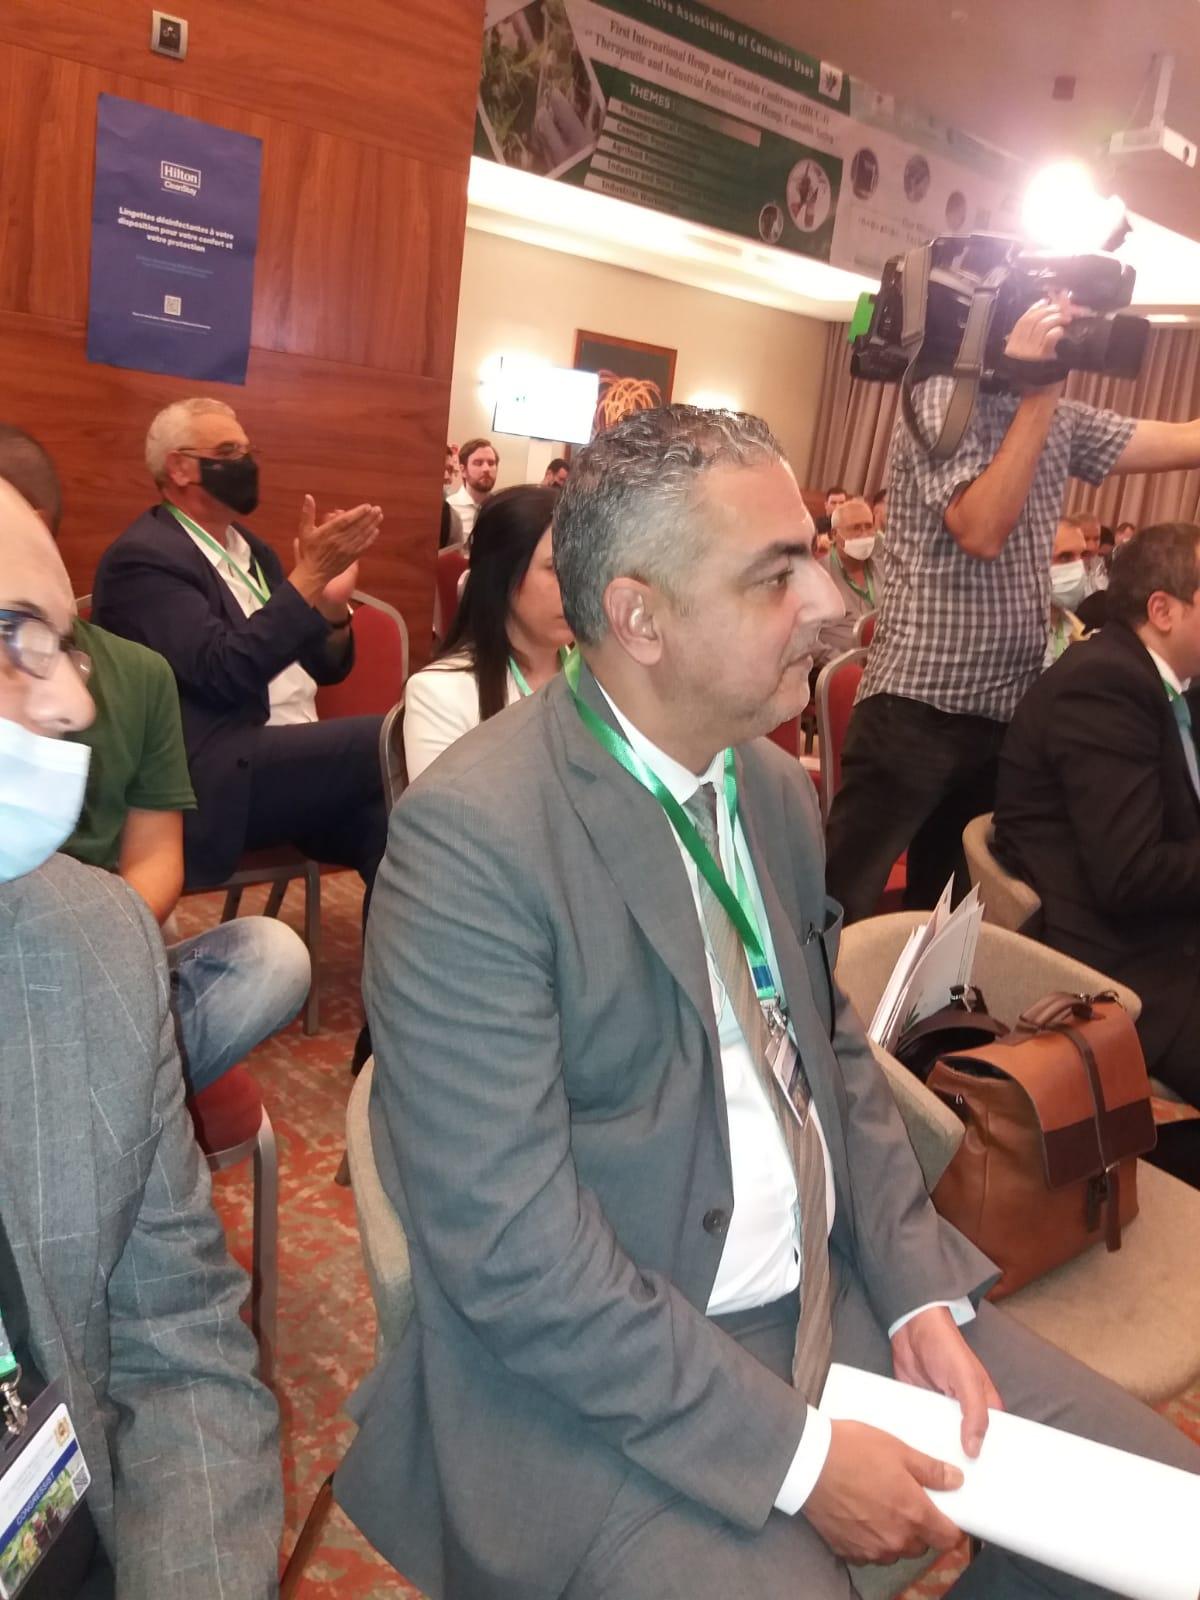 شراكة تجمع الجمعية المغربية الاستشارية لاستعمالات القنب الهندي وغرفة التجارة والصناعة والخدمات لجهة الشمال